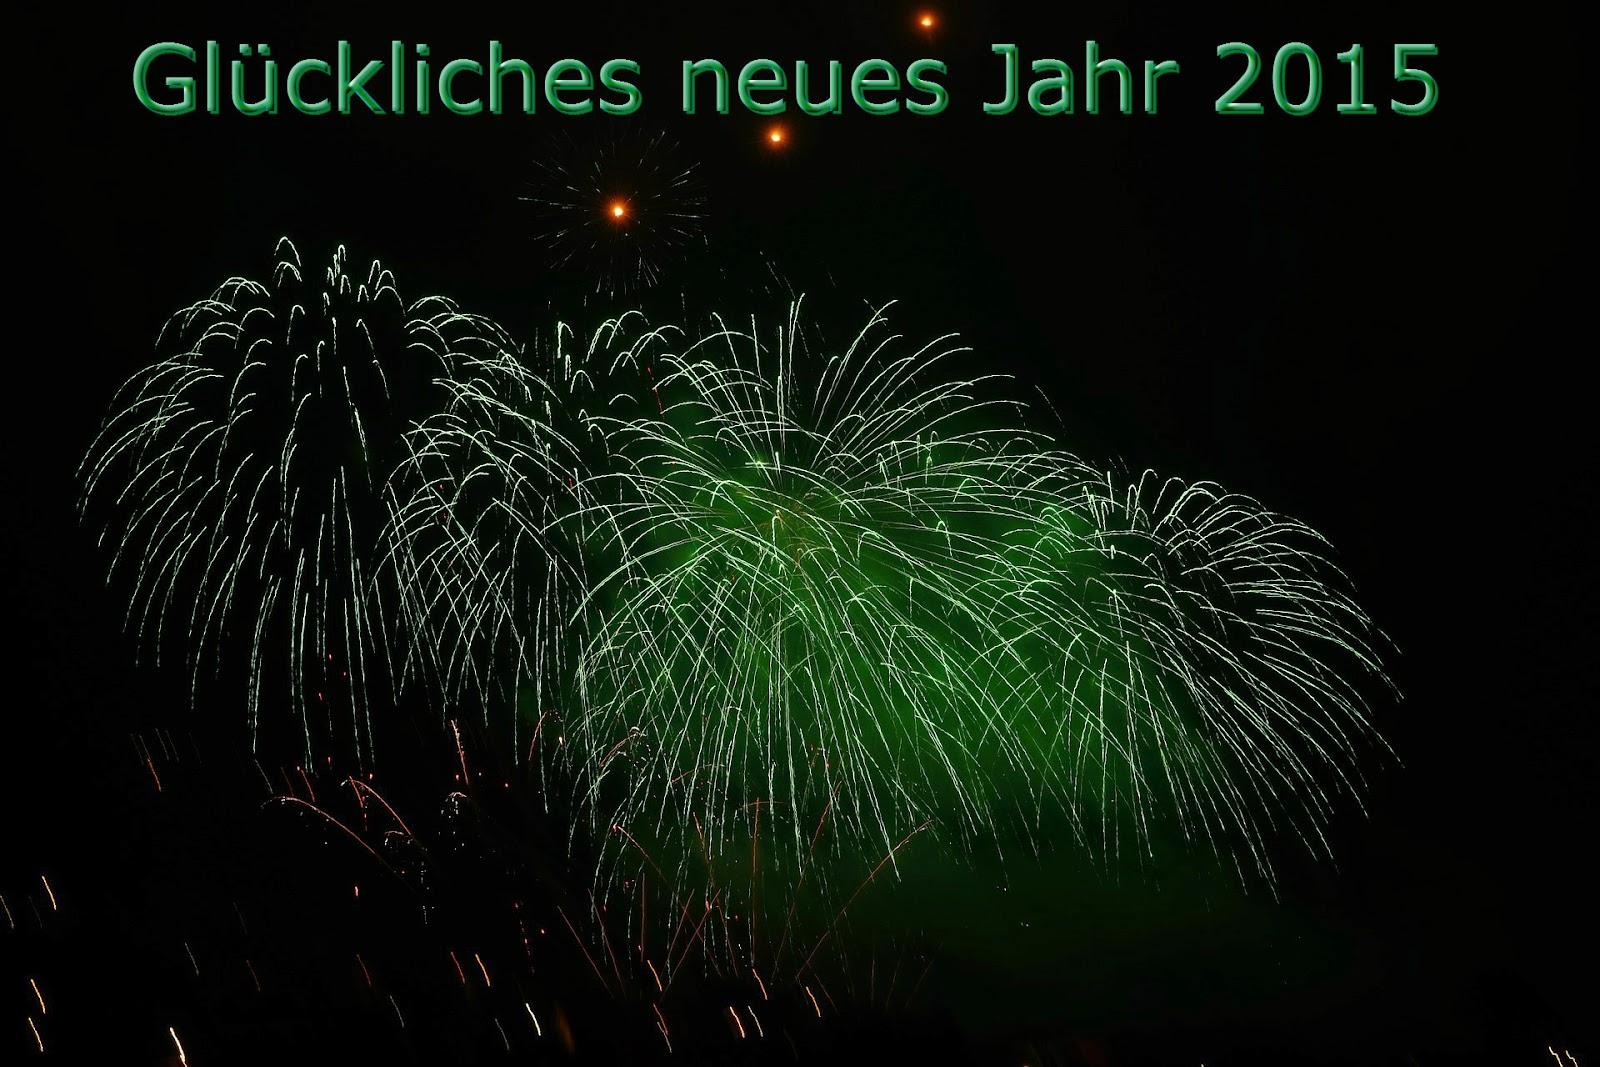 Neujahrswünsche | neue Jahr 2015 wünscht Text | neue Jahr kostenlose ...